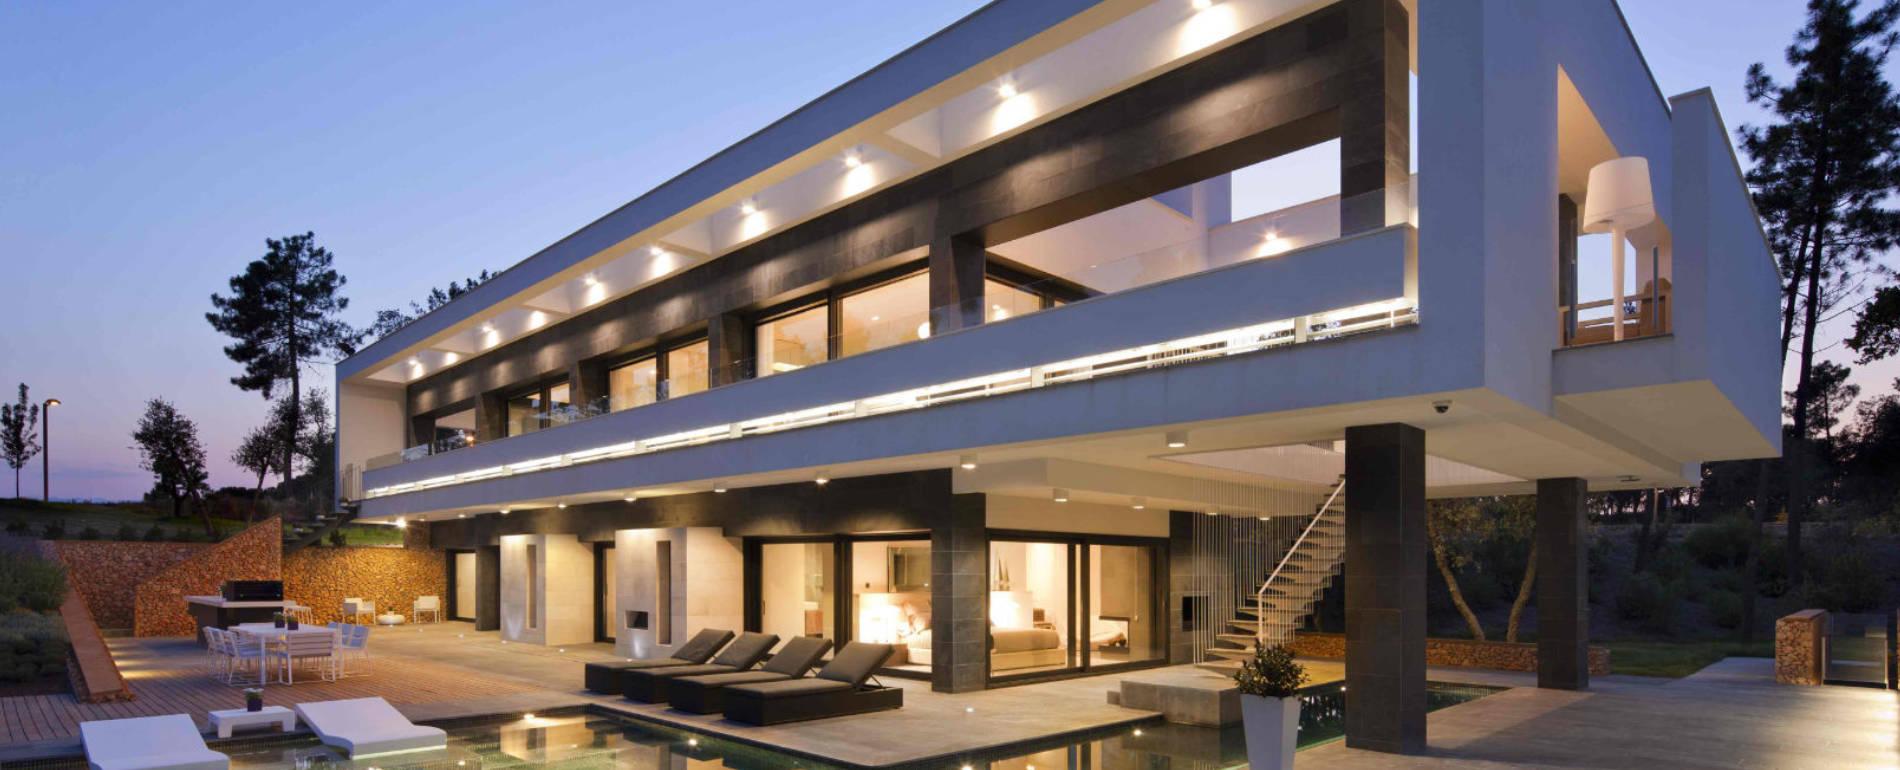 Agencia inmobiliaria de lujo en barcelona costa brava y baleares bcn premium for Inmobiliarias barcelona